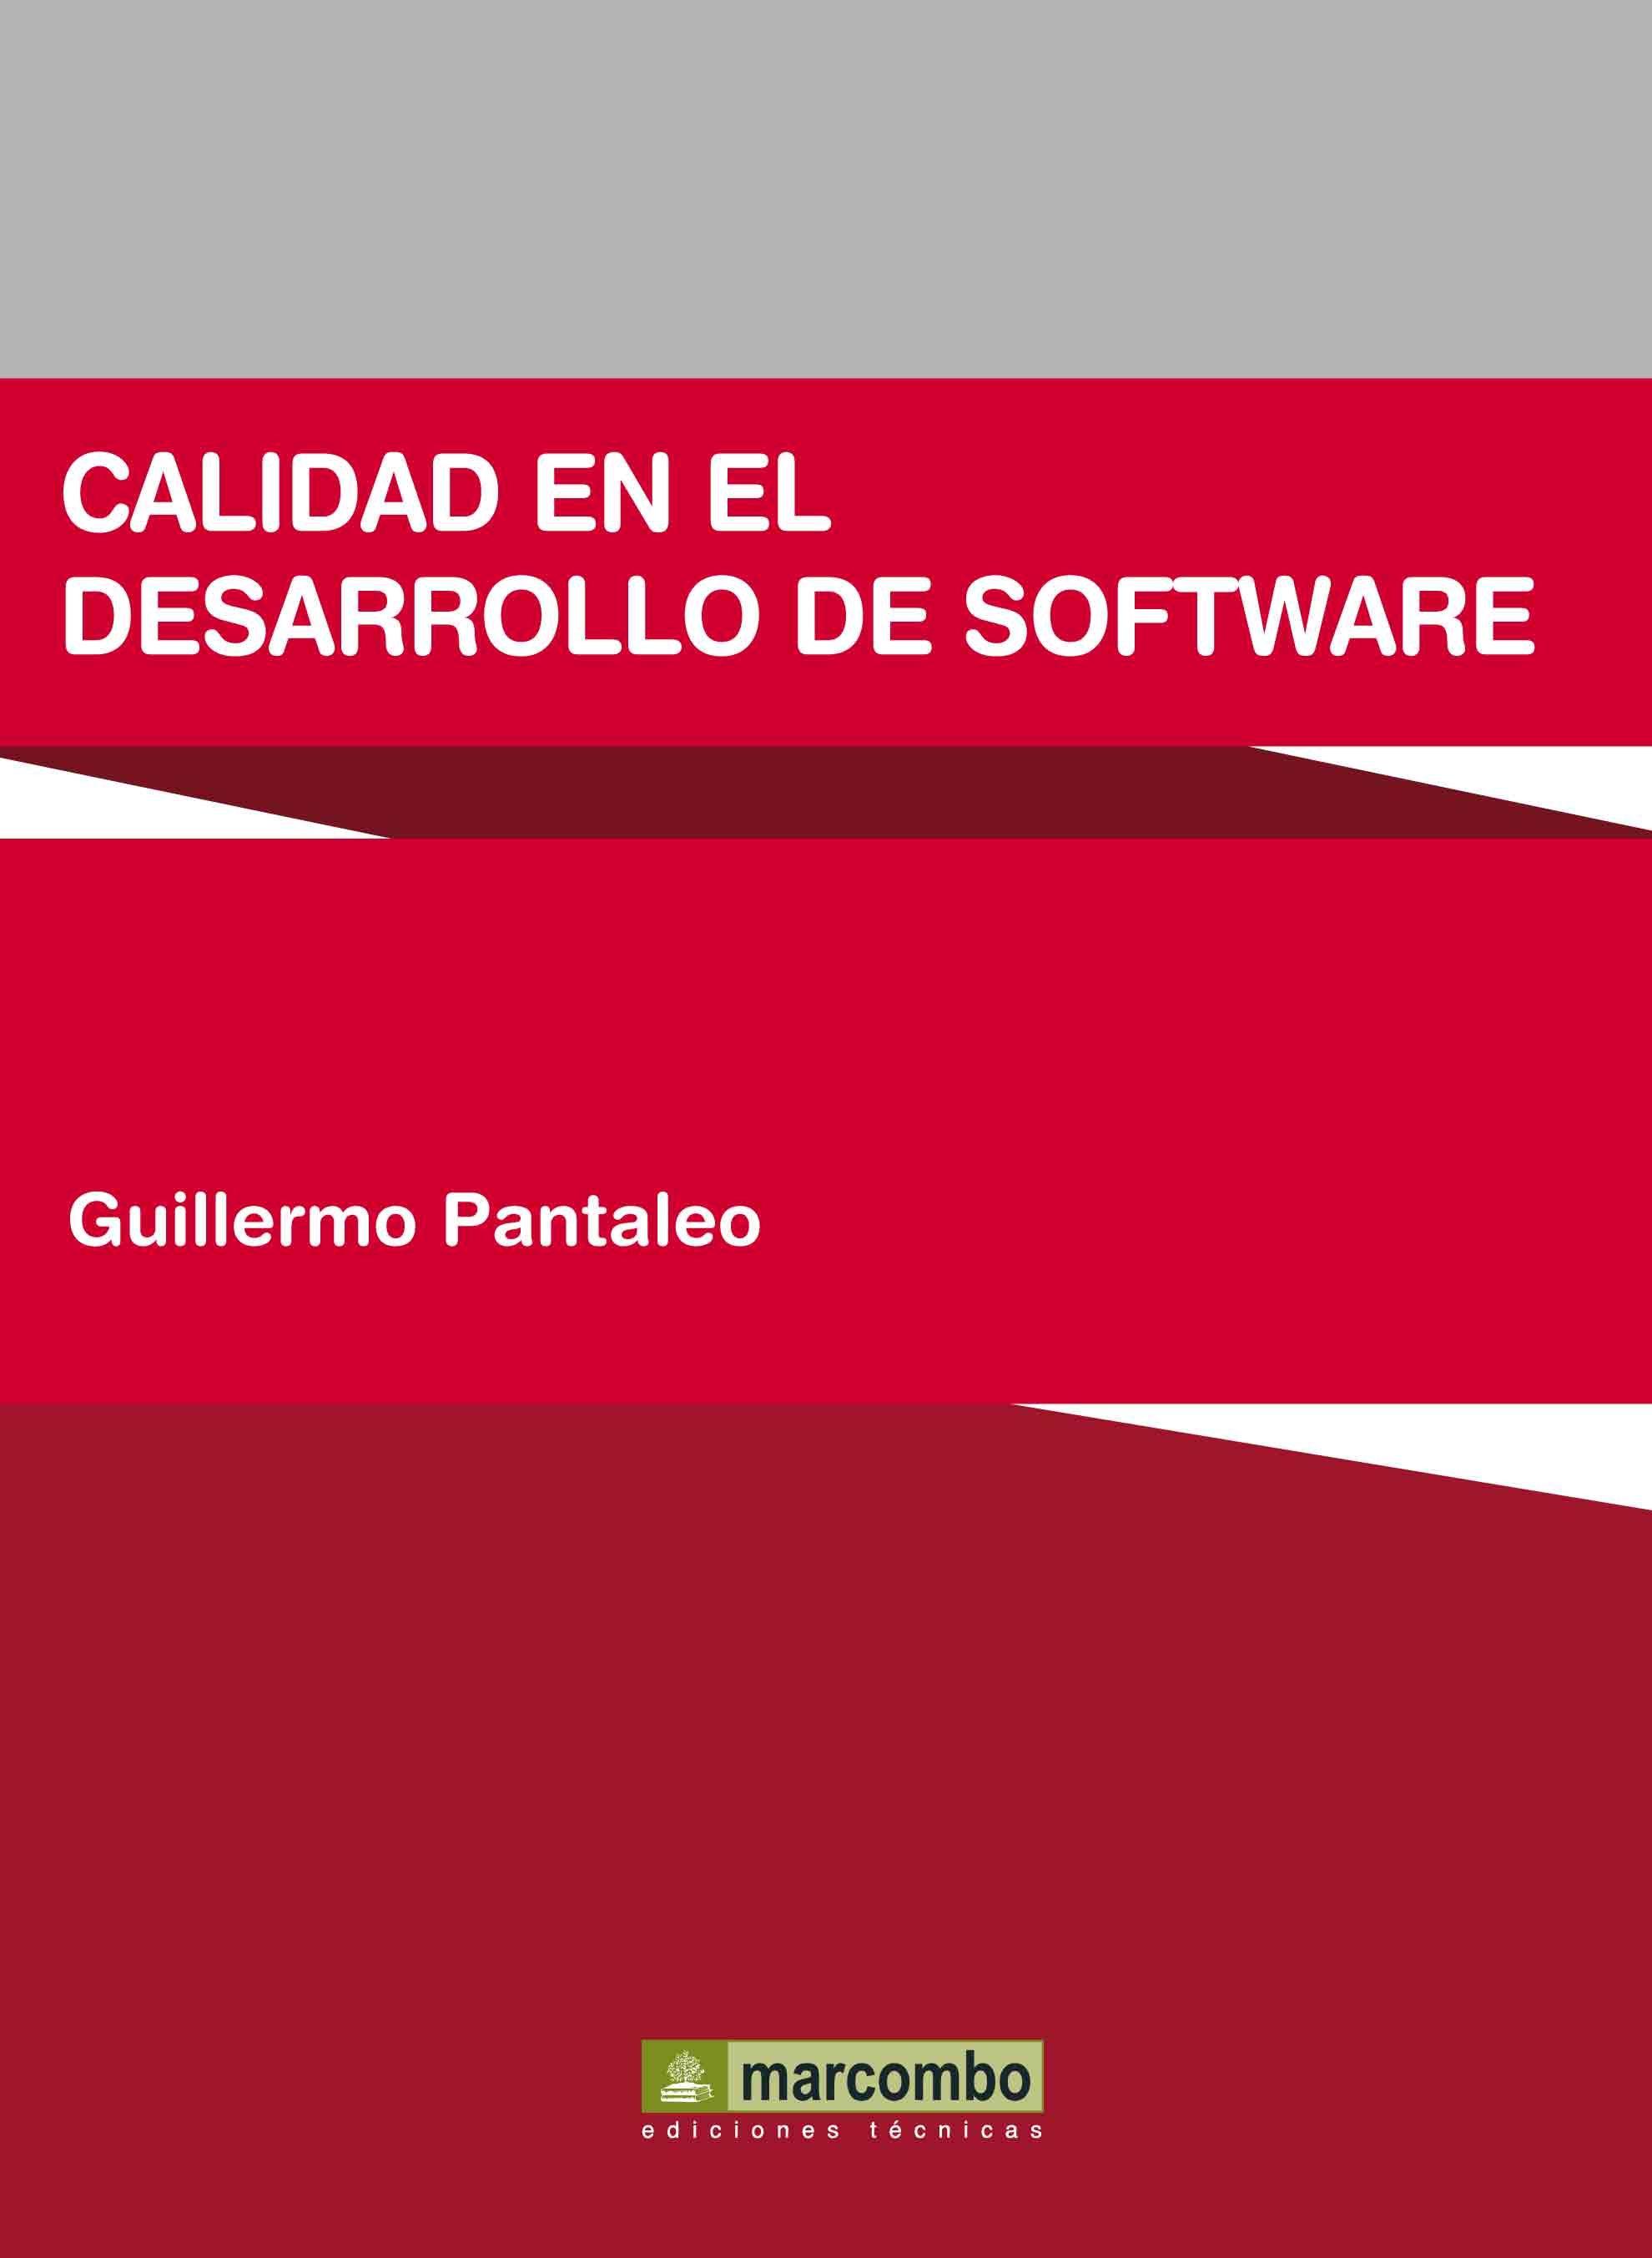 calidad en el desarrollo de software guillermo pantaleo pdf